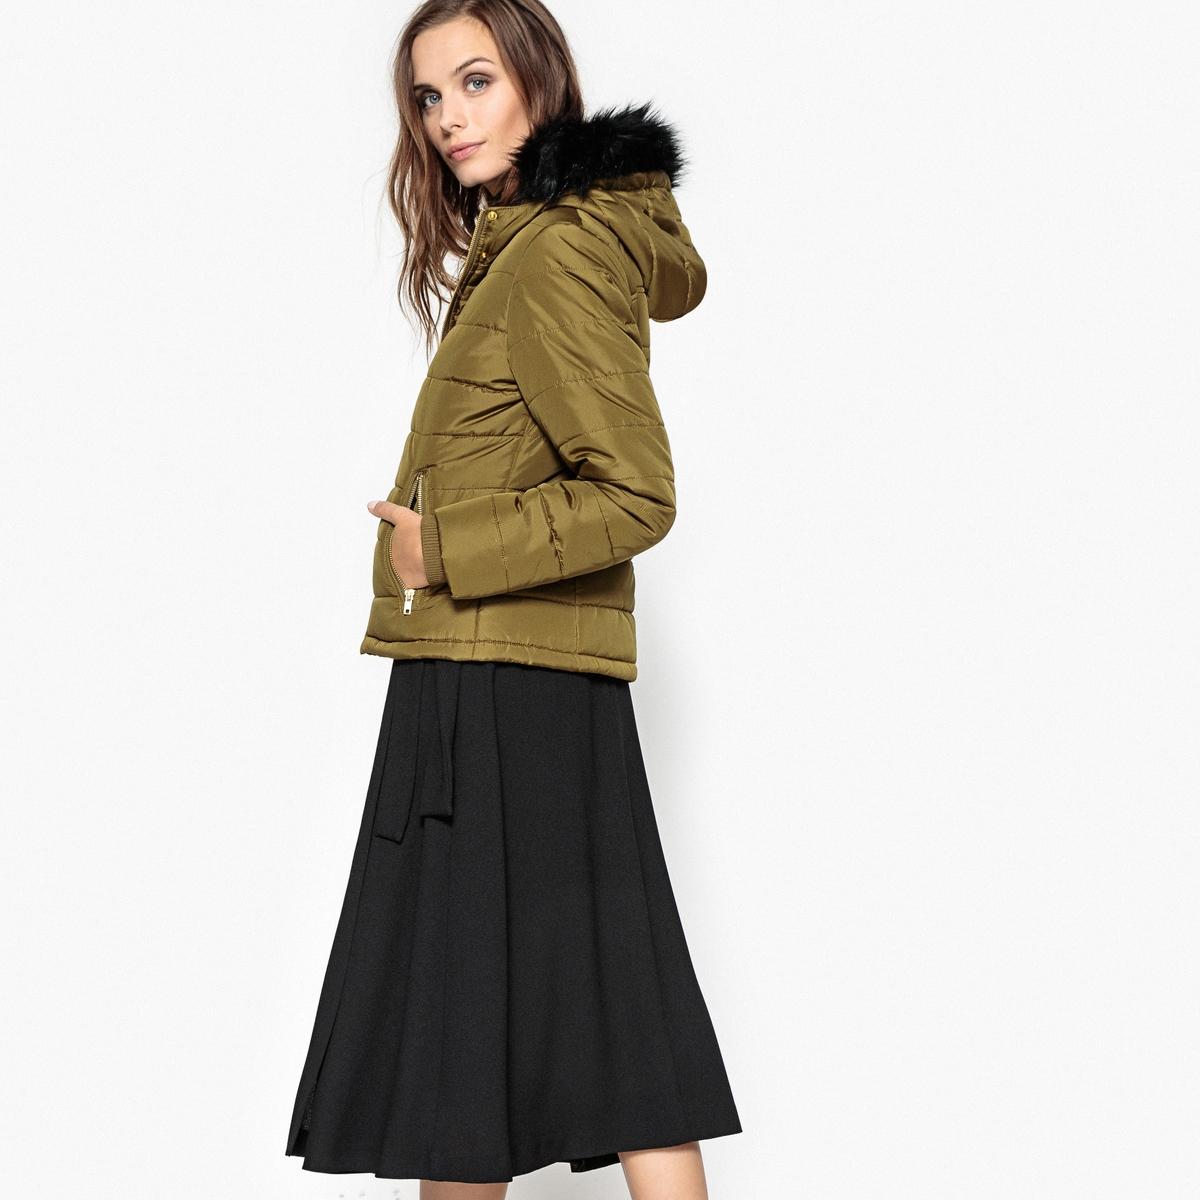 Куртка с капюшоном и синтетическим мехомОписание:Эта стеганая куртка с капюшоном отлично защитит вас от холода этой зимой. Эта короткая стеганая куртка отлично сочетается с вашими нарядами.Детали •  Длина : укороченная   •  Капюшон •  Застежка на молнию •  С капюшономСостав и уход •  100% полиэстер •  Подкладка : 100% полиэстер •  Следуйте рекомендациям по уходу, указанным на этикетке изделия •  Длина : 60 см<br><br>Цвет: темно-синий,хаки<br>Размер: 50 (FR) - 56 (RUS).46 (FR) - 52 (RUS).44 (FR) - 50 (RUS).42 (FR) - 48 (RUS).38 (FR) - 44 (RUS).52 (FR) - 58 (RUS).48 (FR) - 54 (RUS).44 (FR) - 50 (RUS).38 (FR) - 44 (RUS).46 (FR) - 52 (RUS)